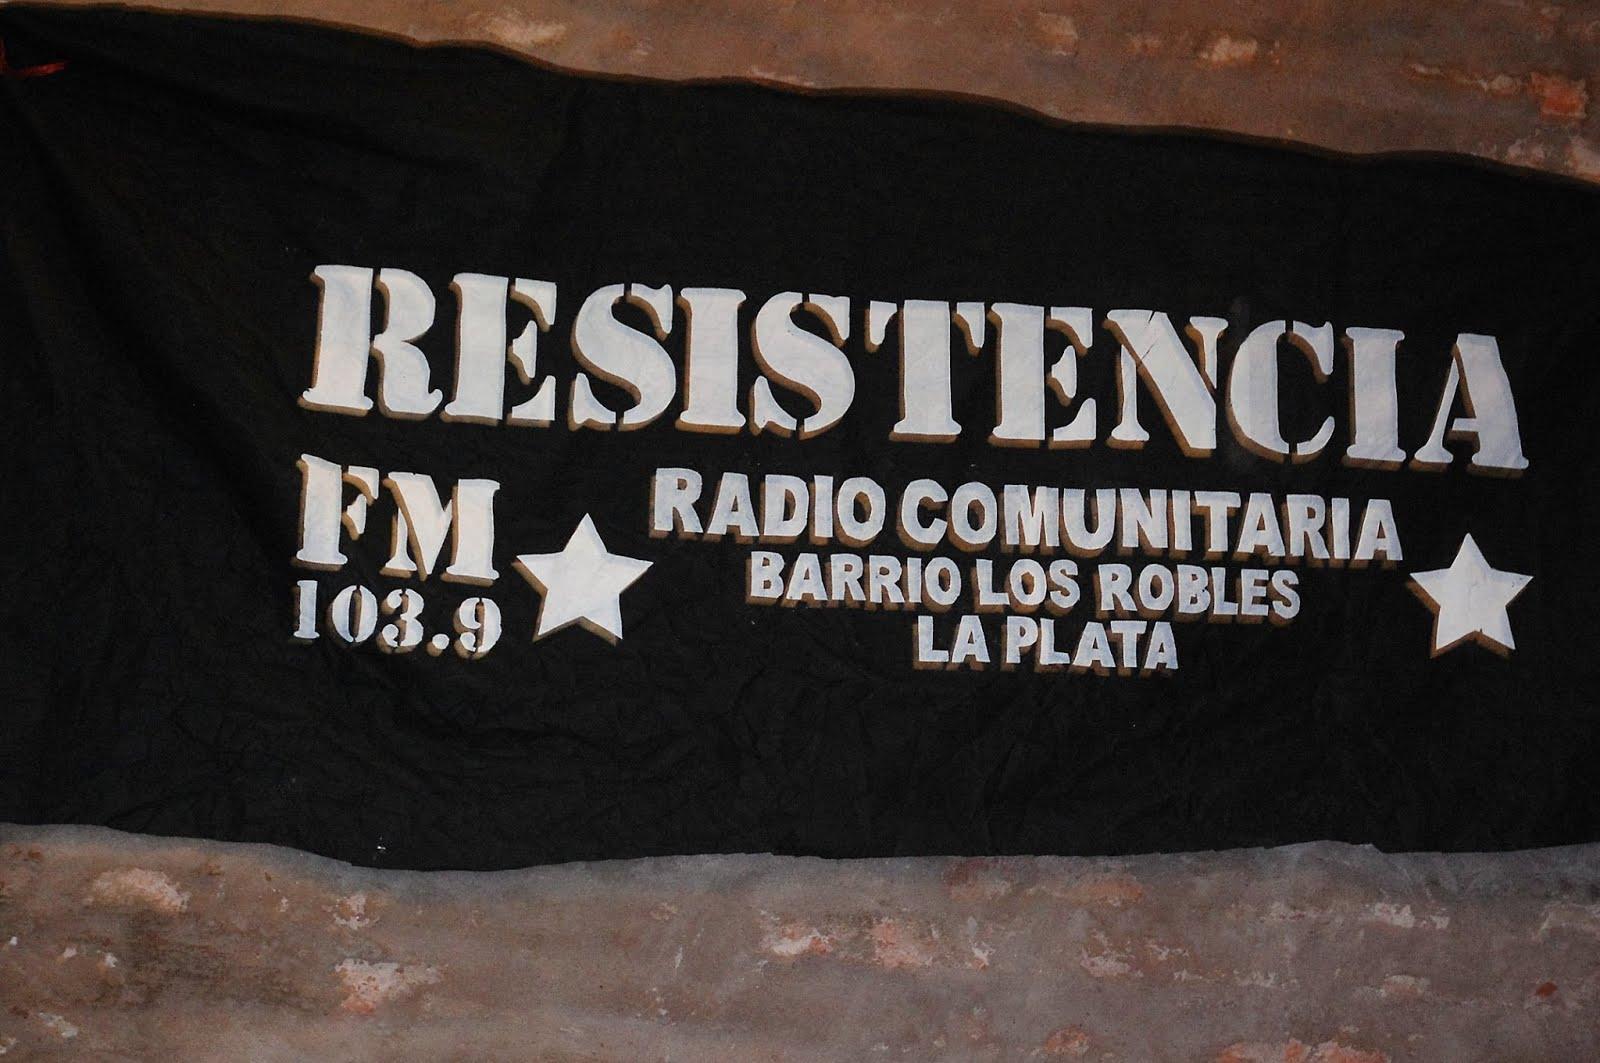 FM Resistencia